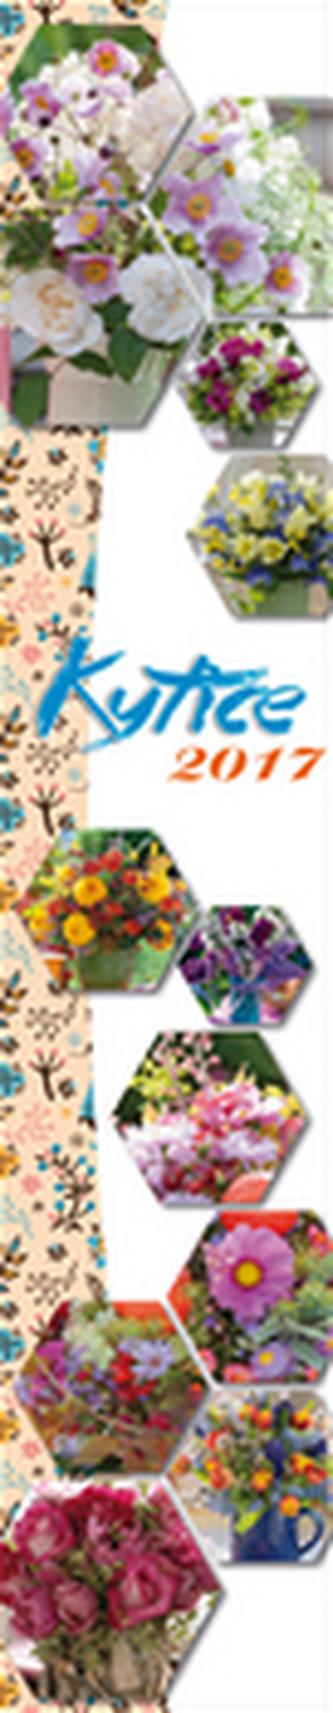 Kytice 2017 - nástěnný kalendář